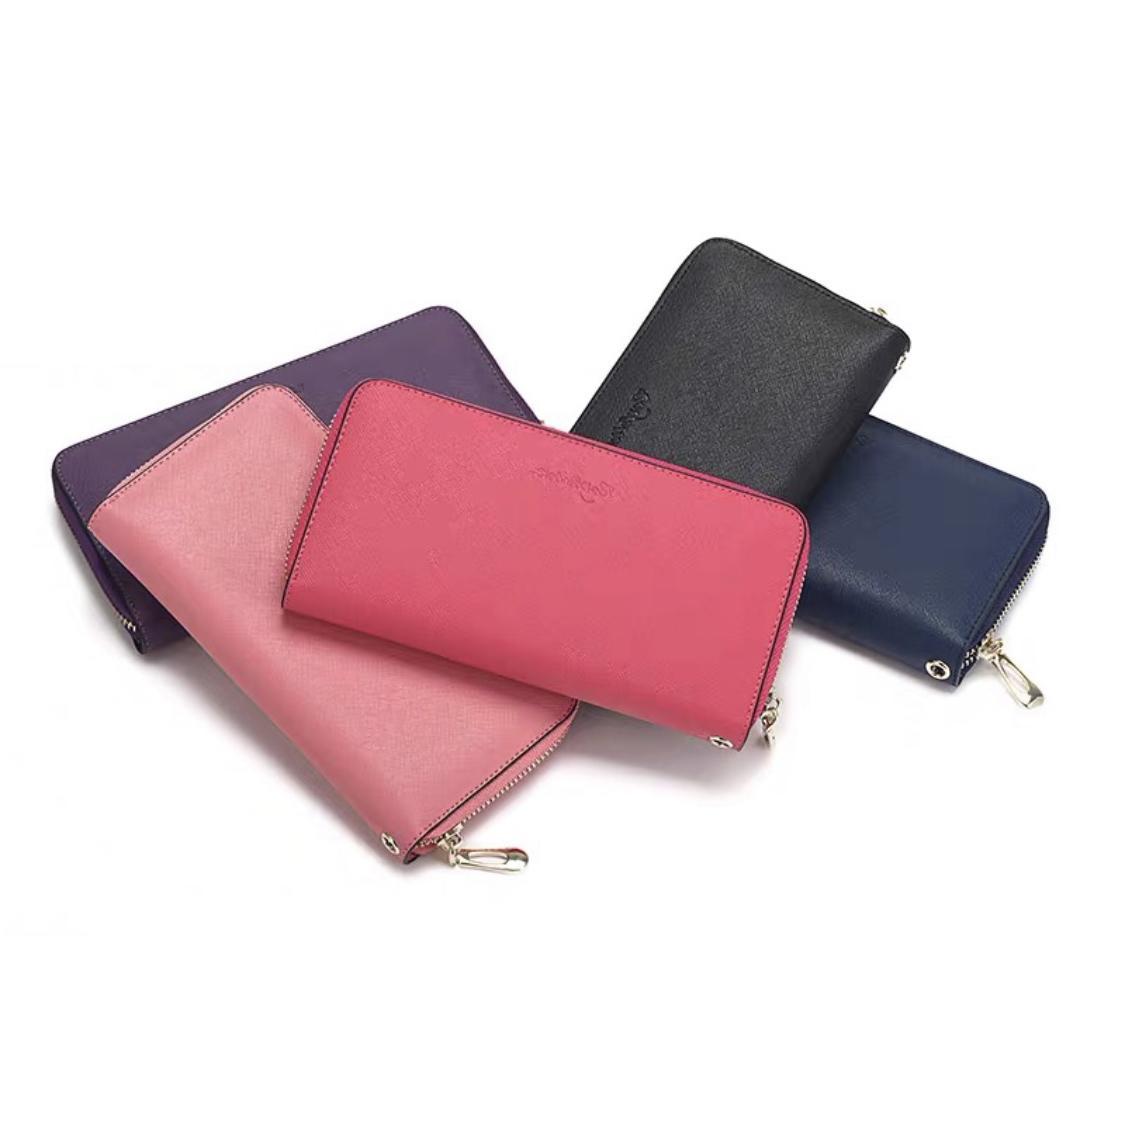 أعلى جودة محفظة سيدة عملة محفظة جلدية محفظة للنساء جلد طويل محفظة حقيبة المال سستة الحقيبة عملة جيب ملاحظة مخلب بالجملة